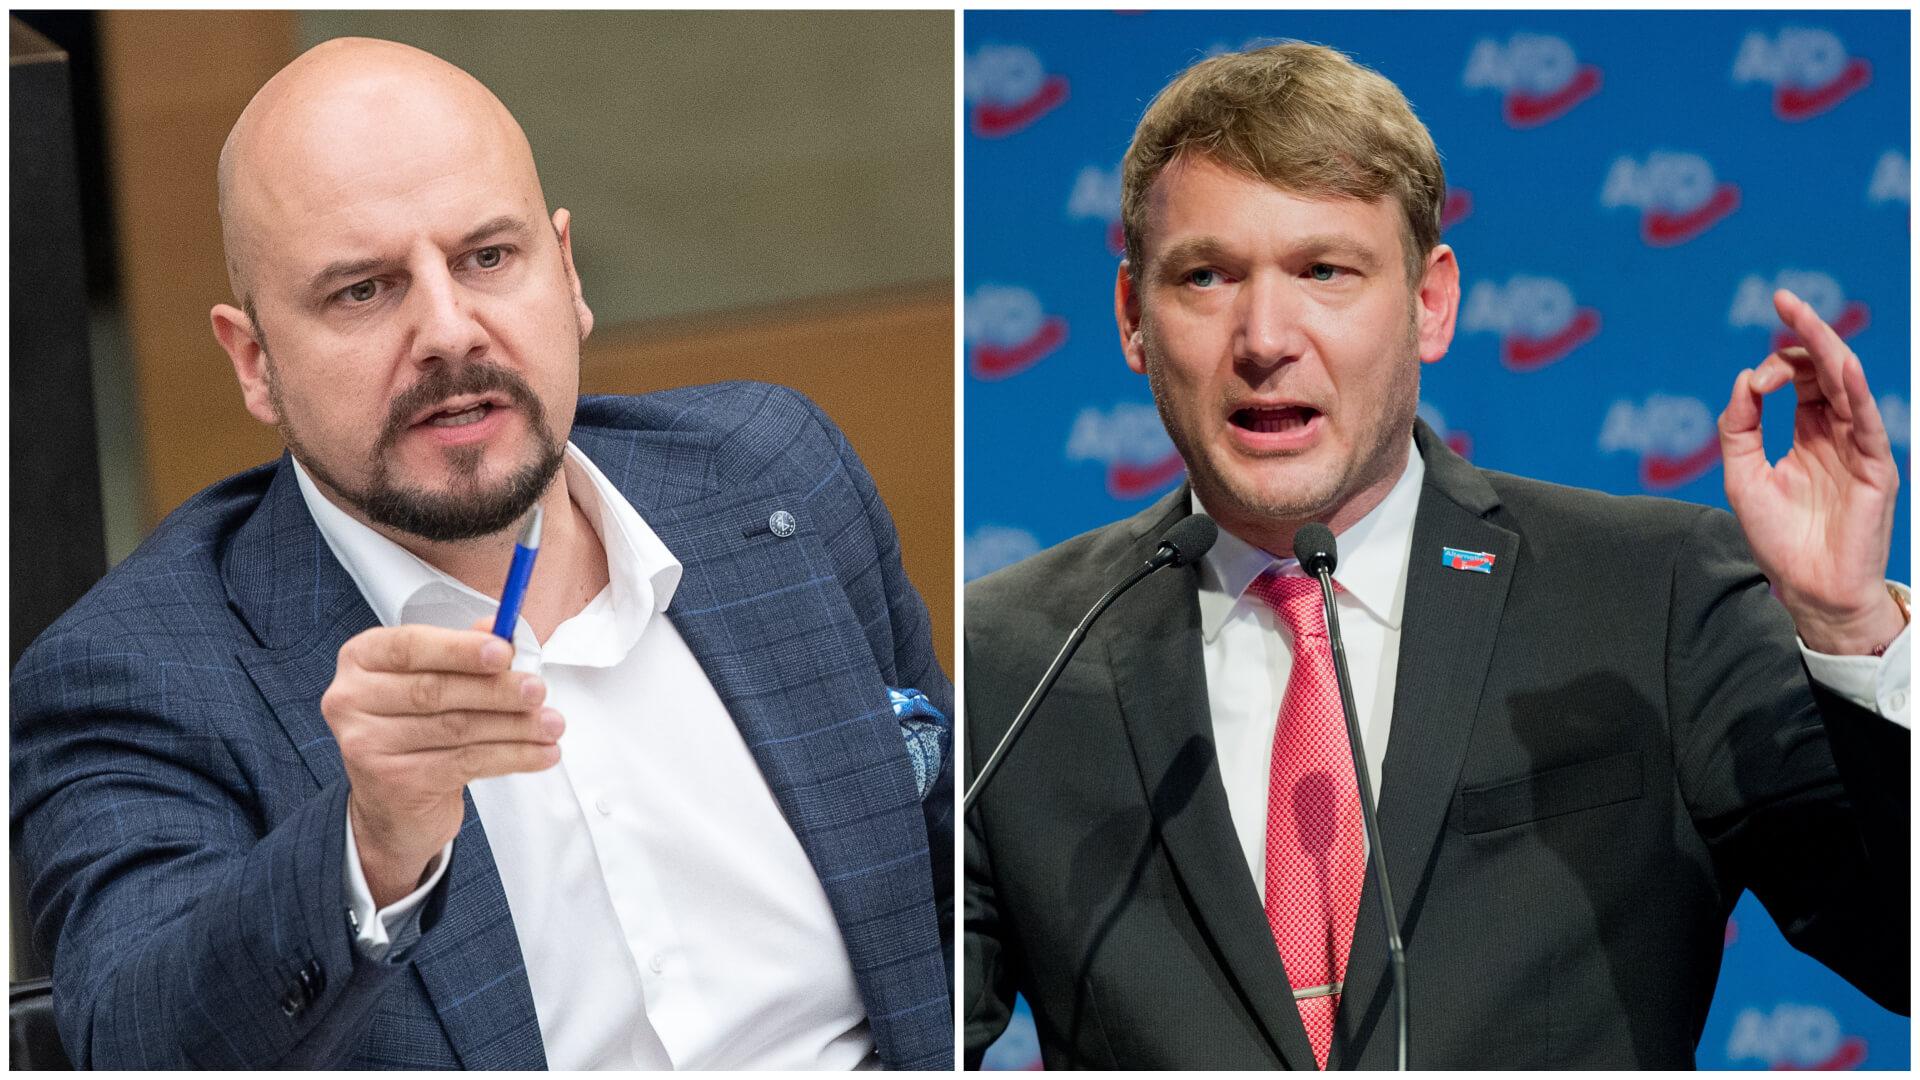 Wahl in Sachsen-Anhalt: Altes Narrativ vom Wahlbetrug wird durch ehemalige AfD-Politiker neu aufgewärmt